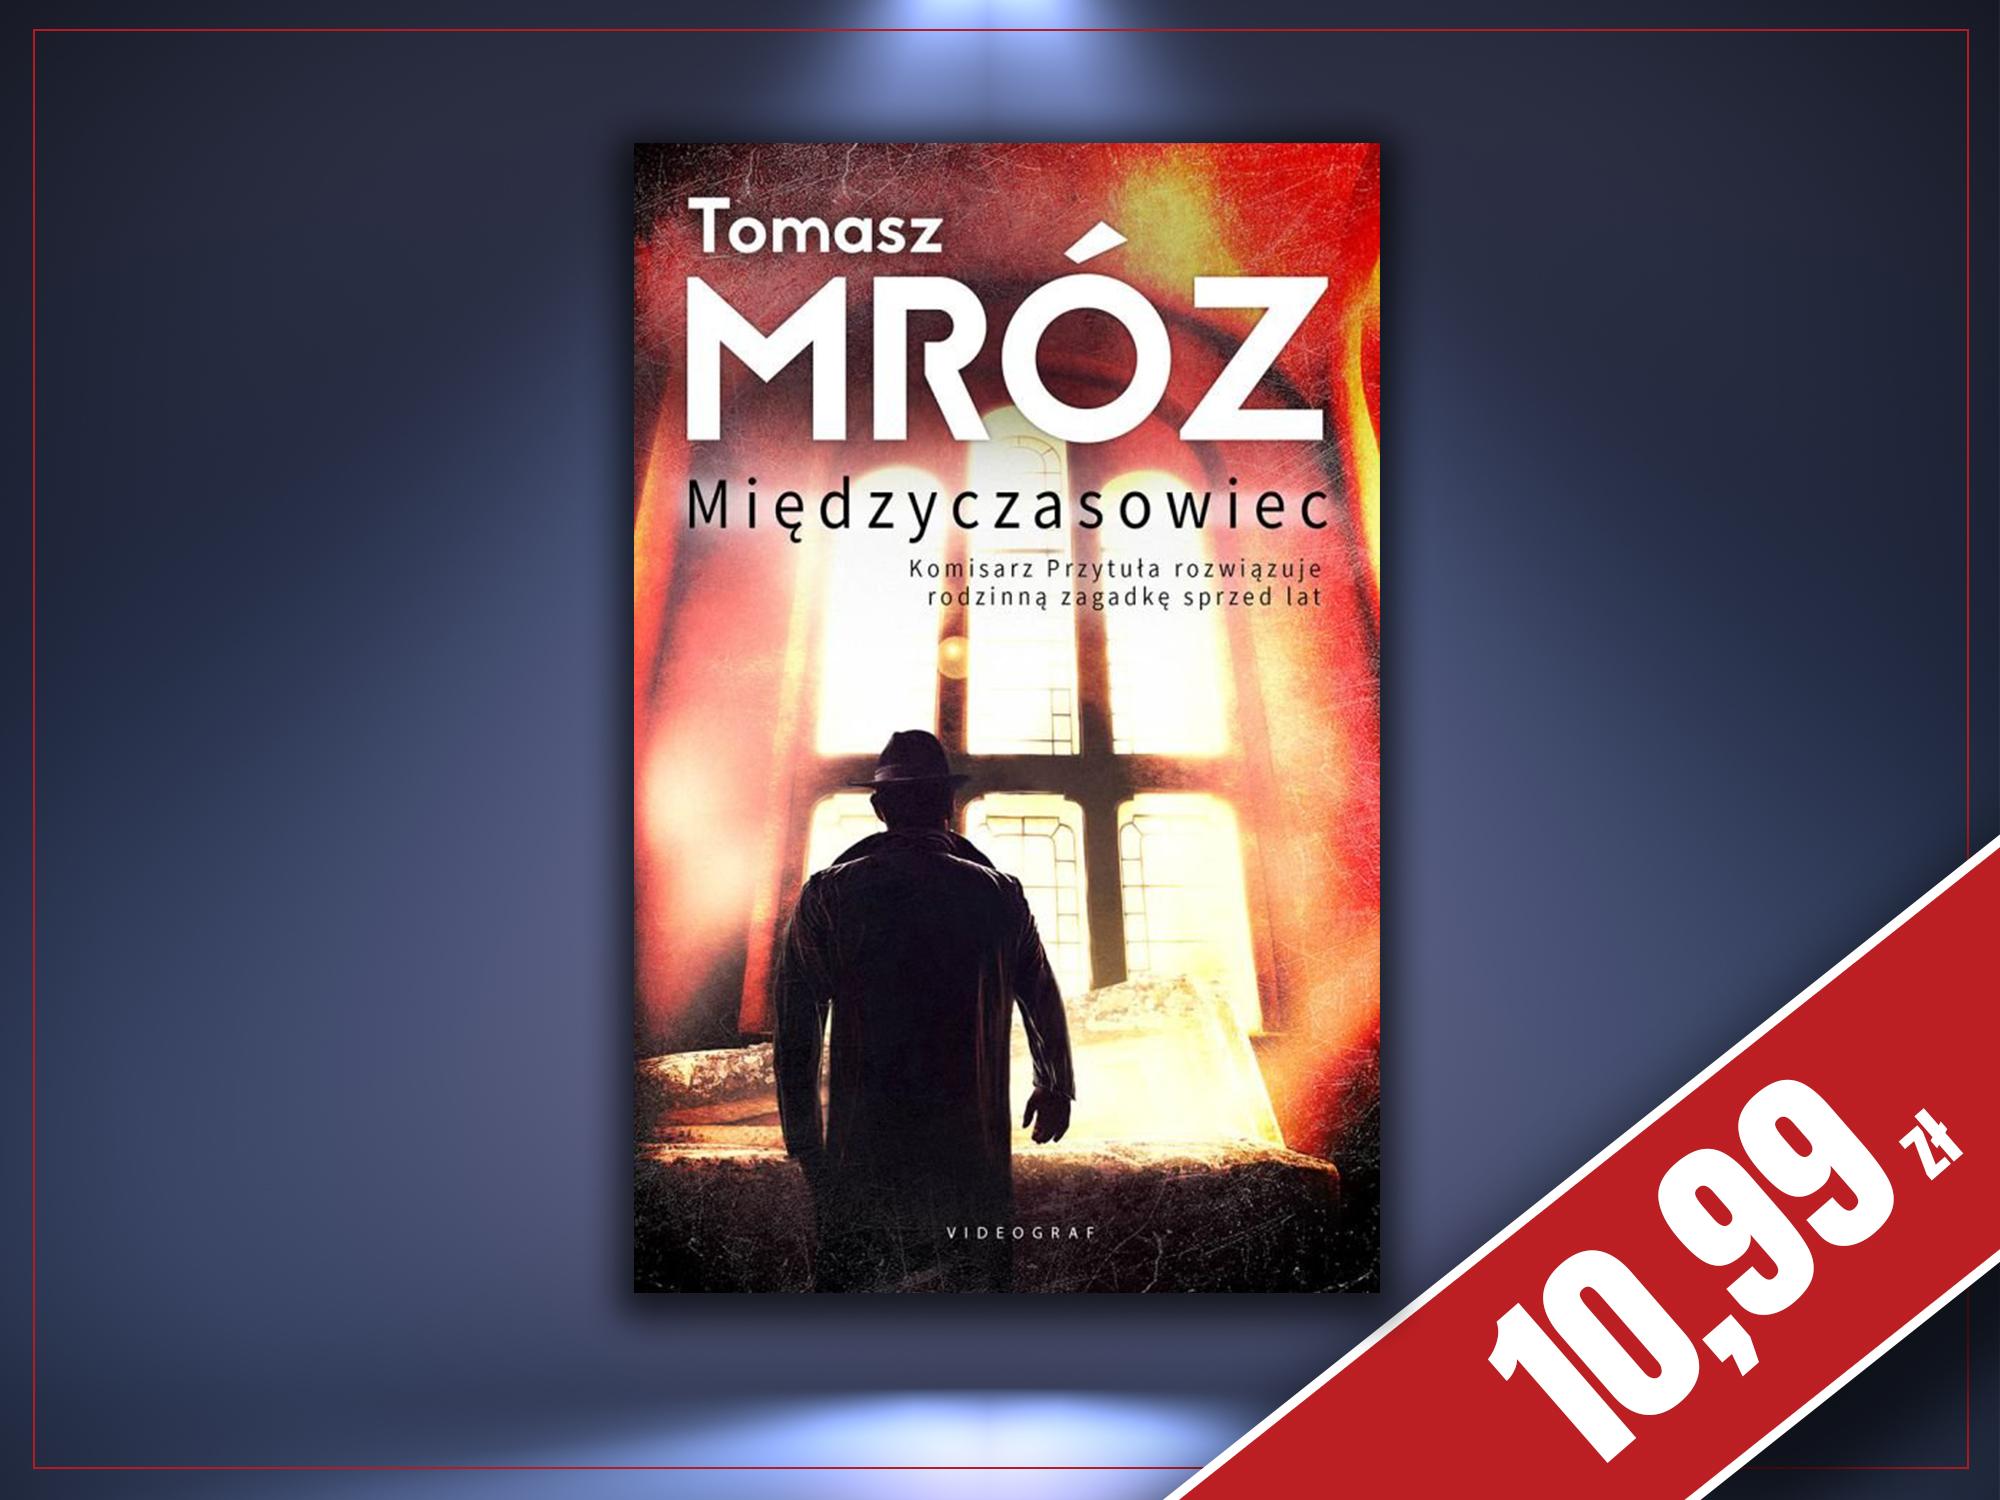 Międzyczasowiec, Tomasz Mróz